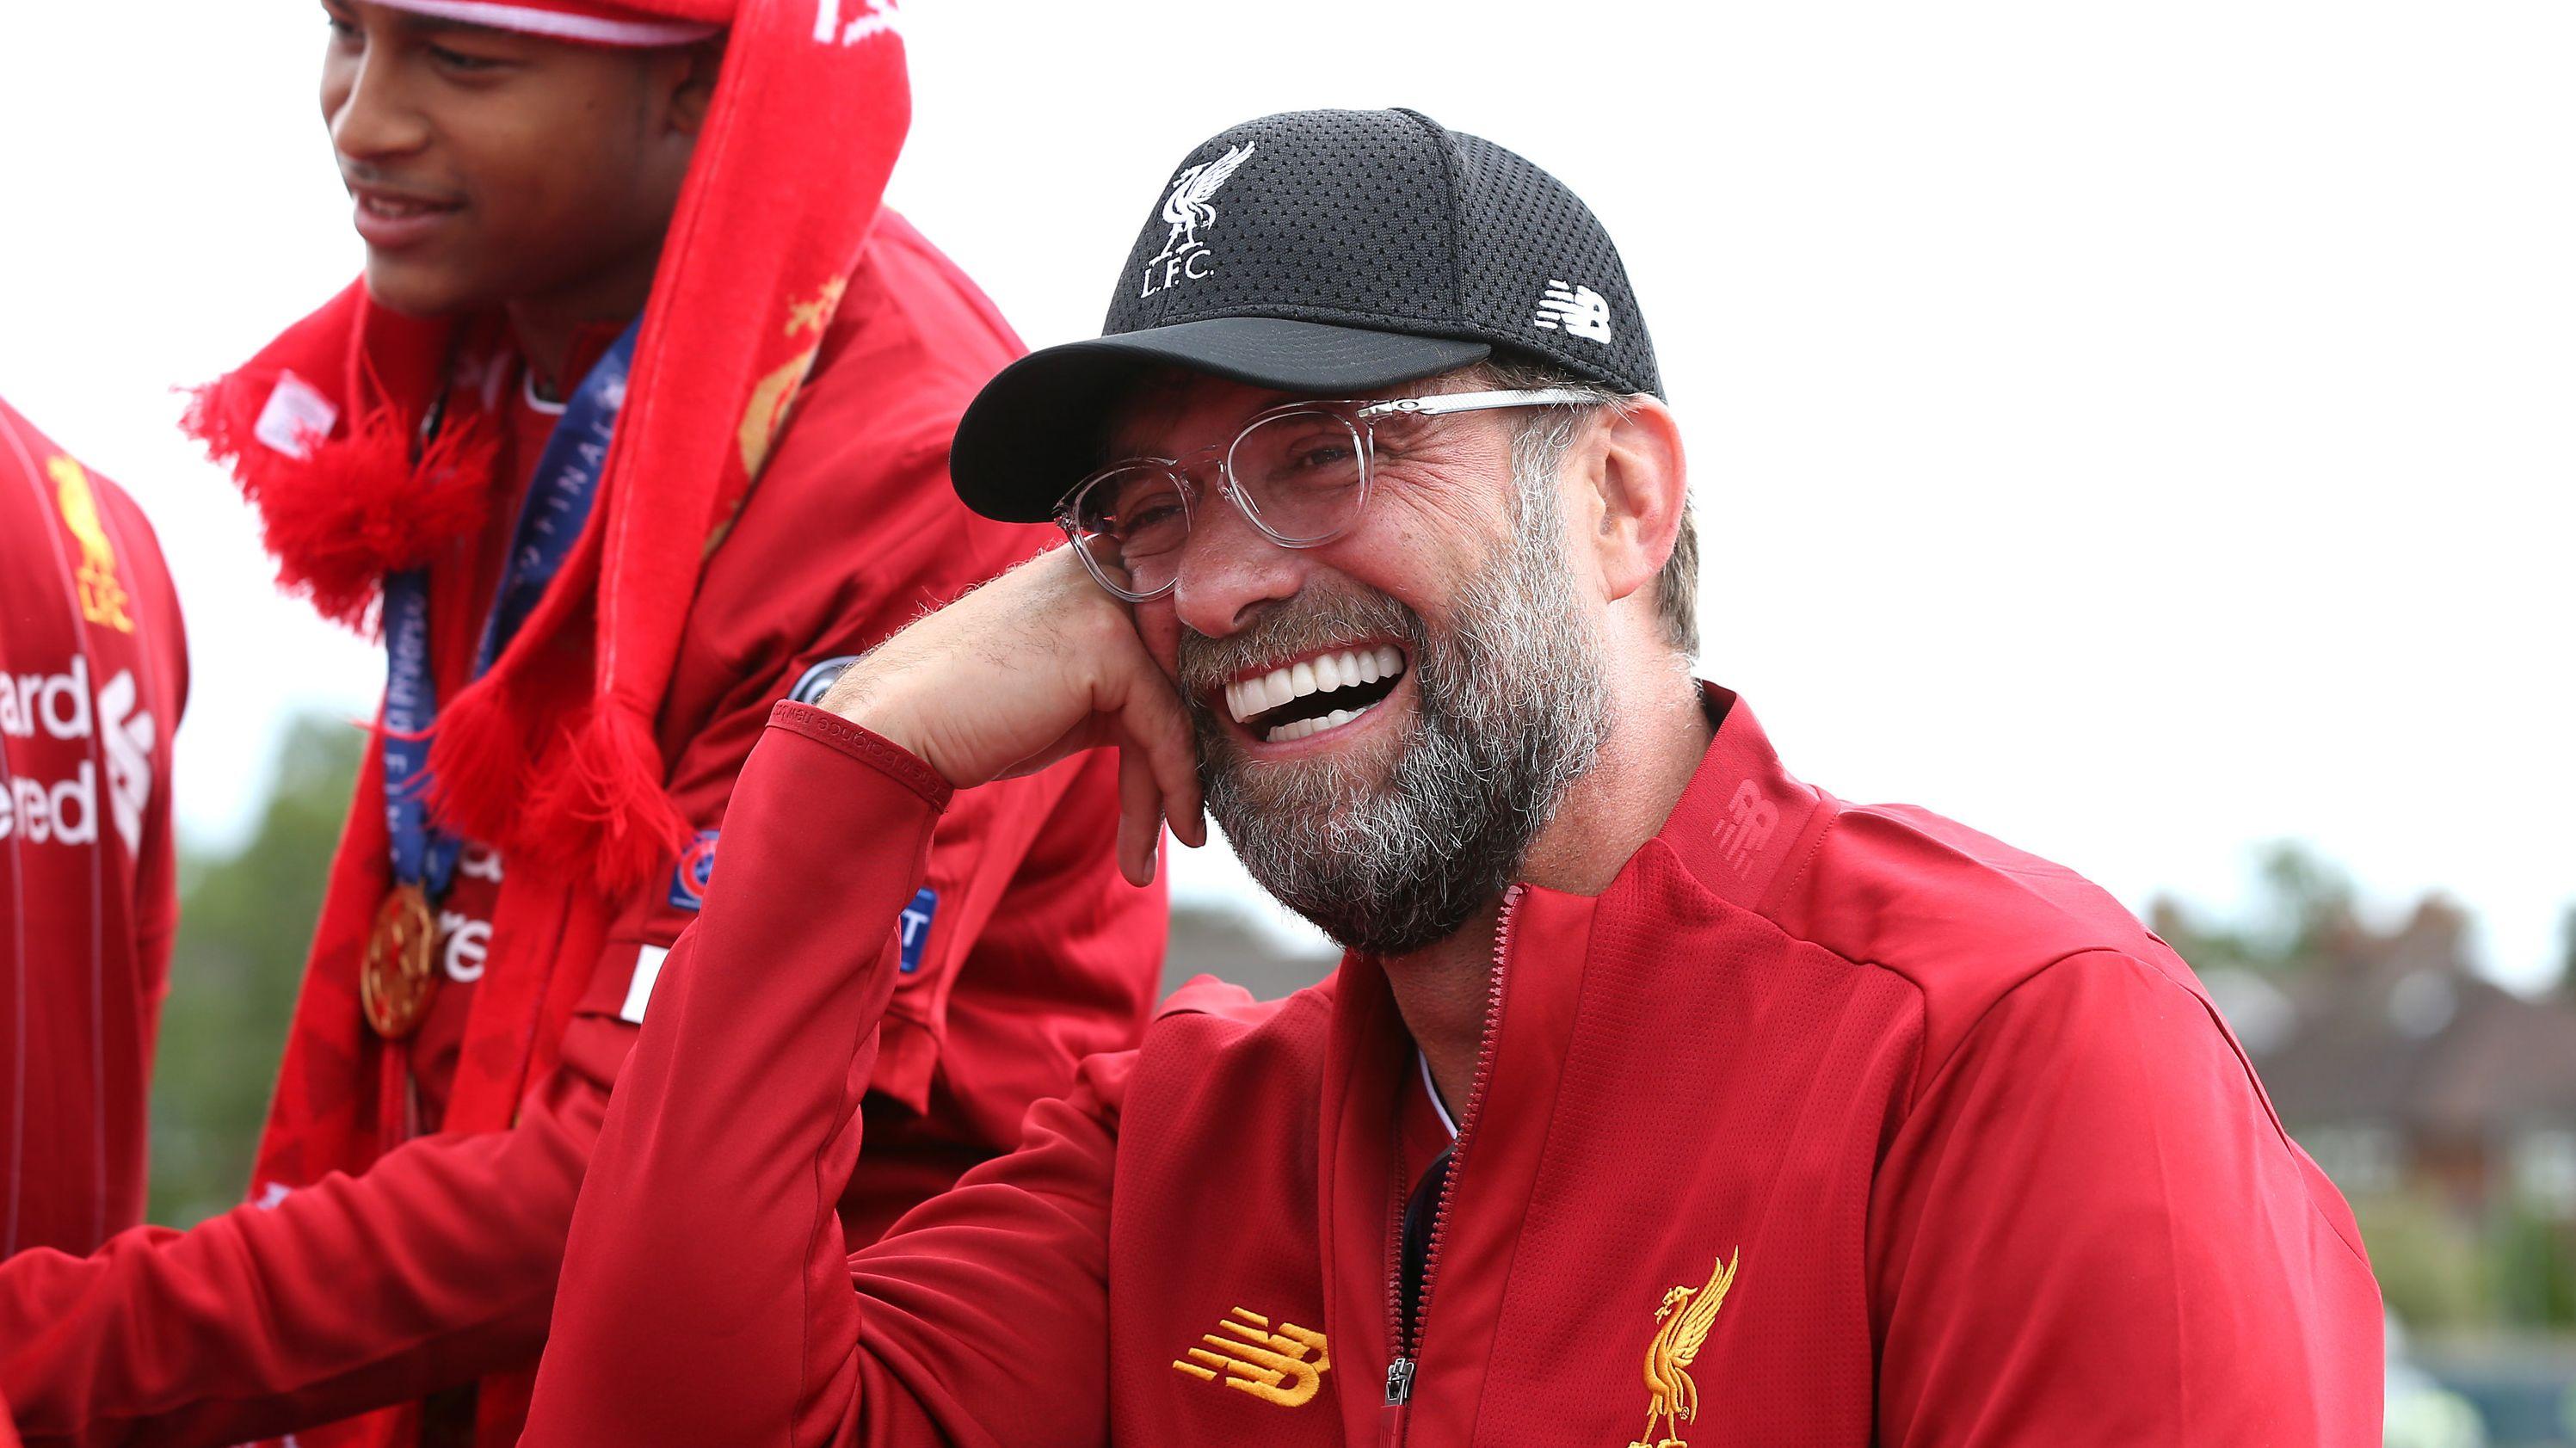 Nach dem Champions-League-Finale Liverpool: Trainer  Jürgen Klopp lacht während der Parade nach dem Champions-League-Sieg von Liverpool.